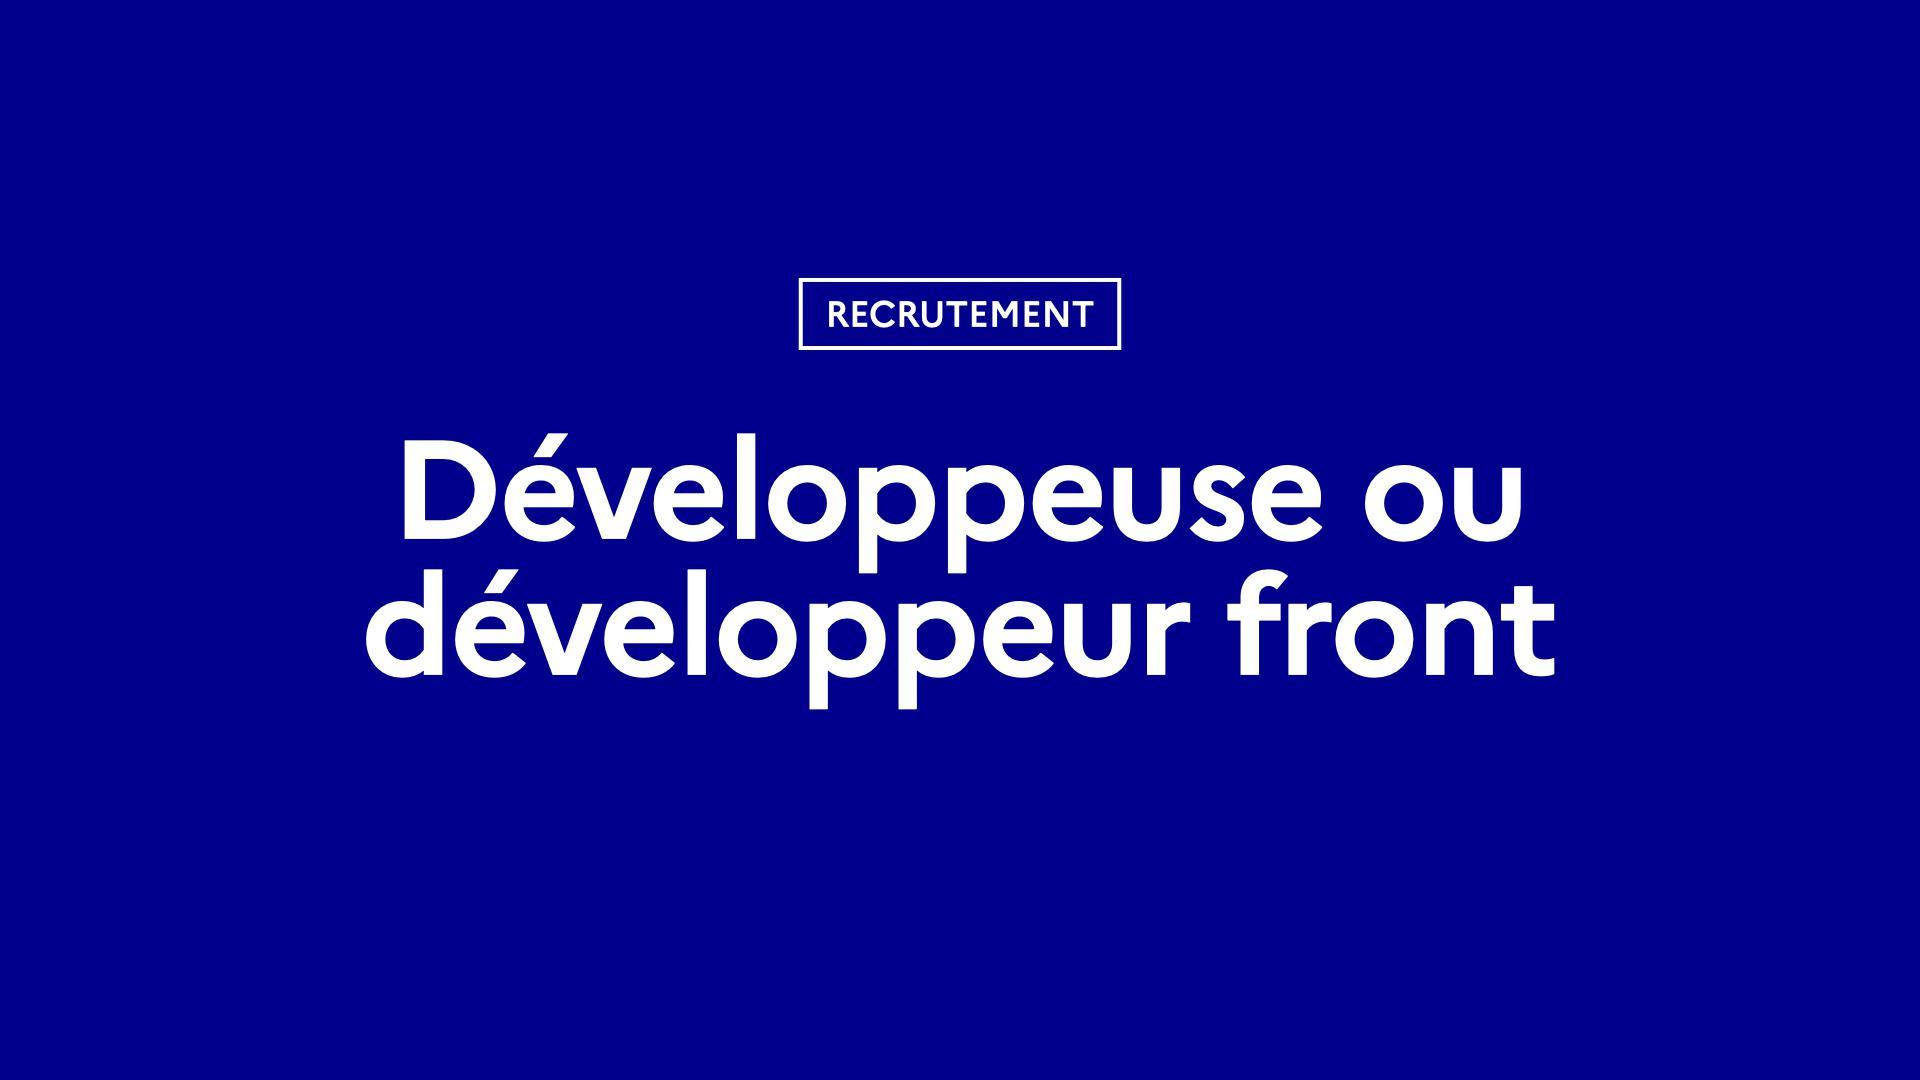 Data.gouv.fr recrute une développeuse ou un développeur front